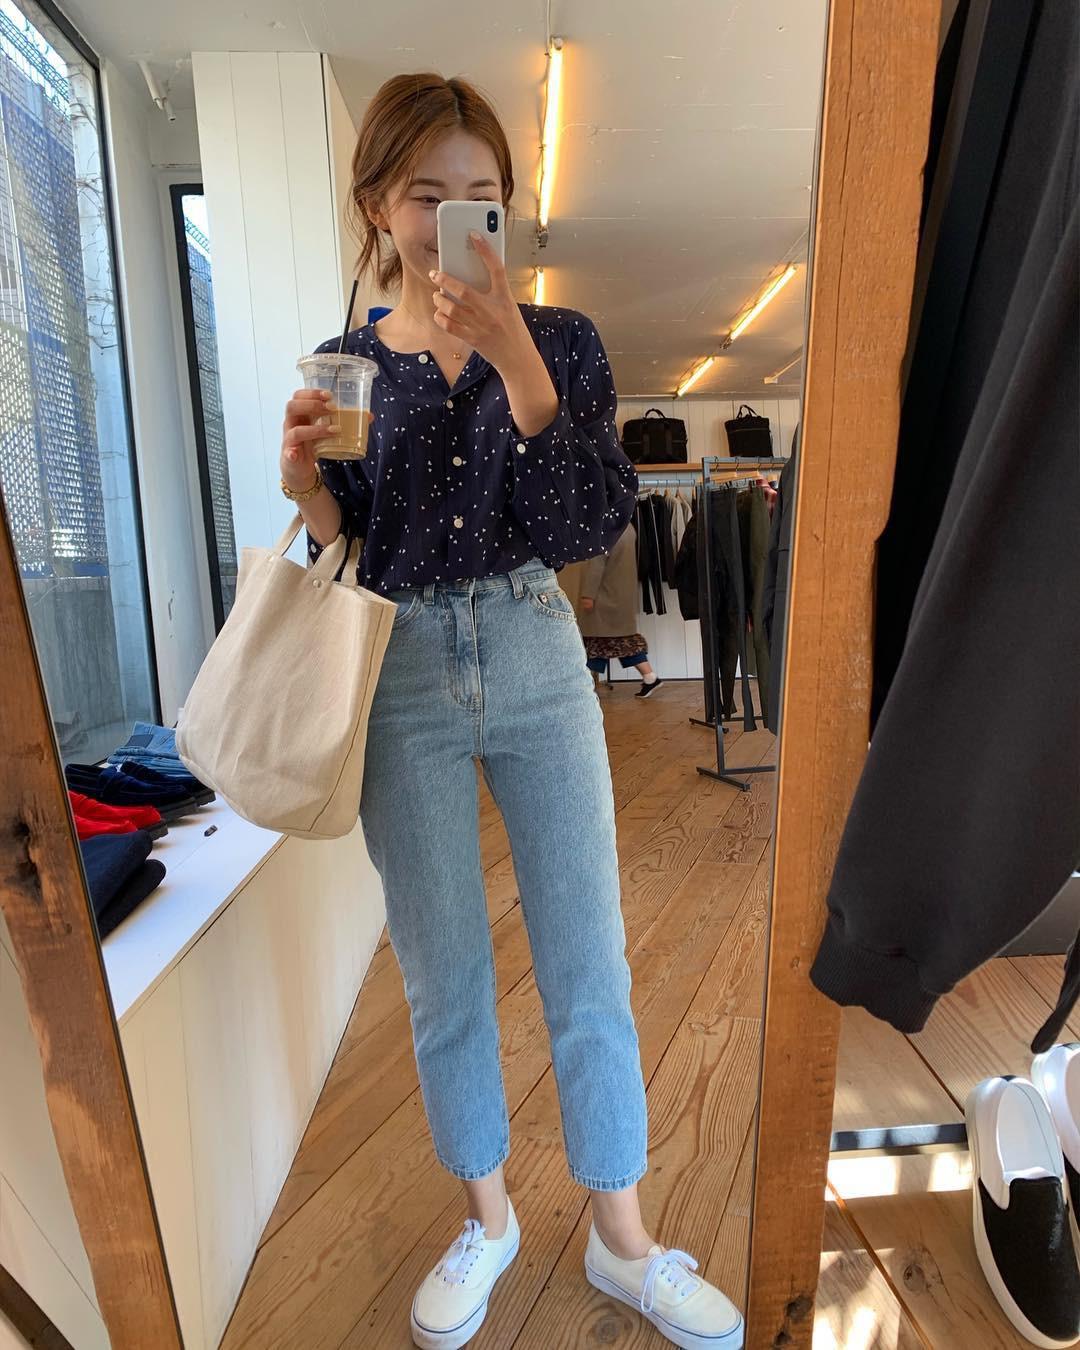 4 lý do nàng công sở nên sắm ngay một đôi sneakers trắng: Thuyết phục nhất là khả năng 'hack' tuổi và sành điệu hóa style - Ảnh 4